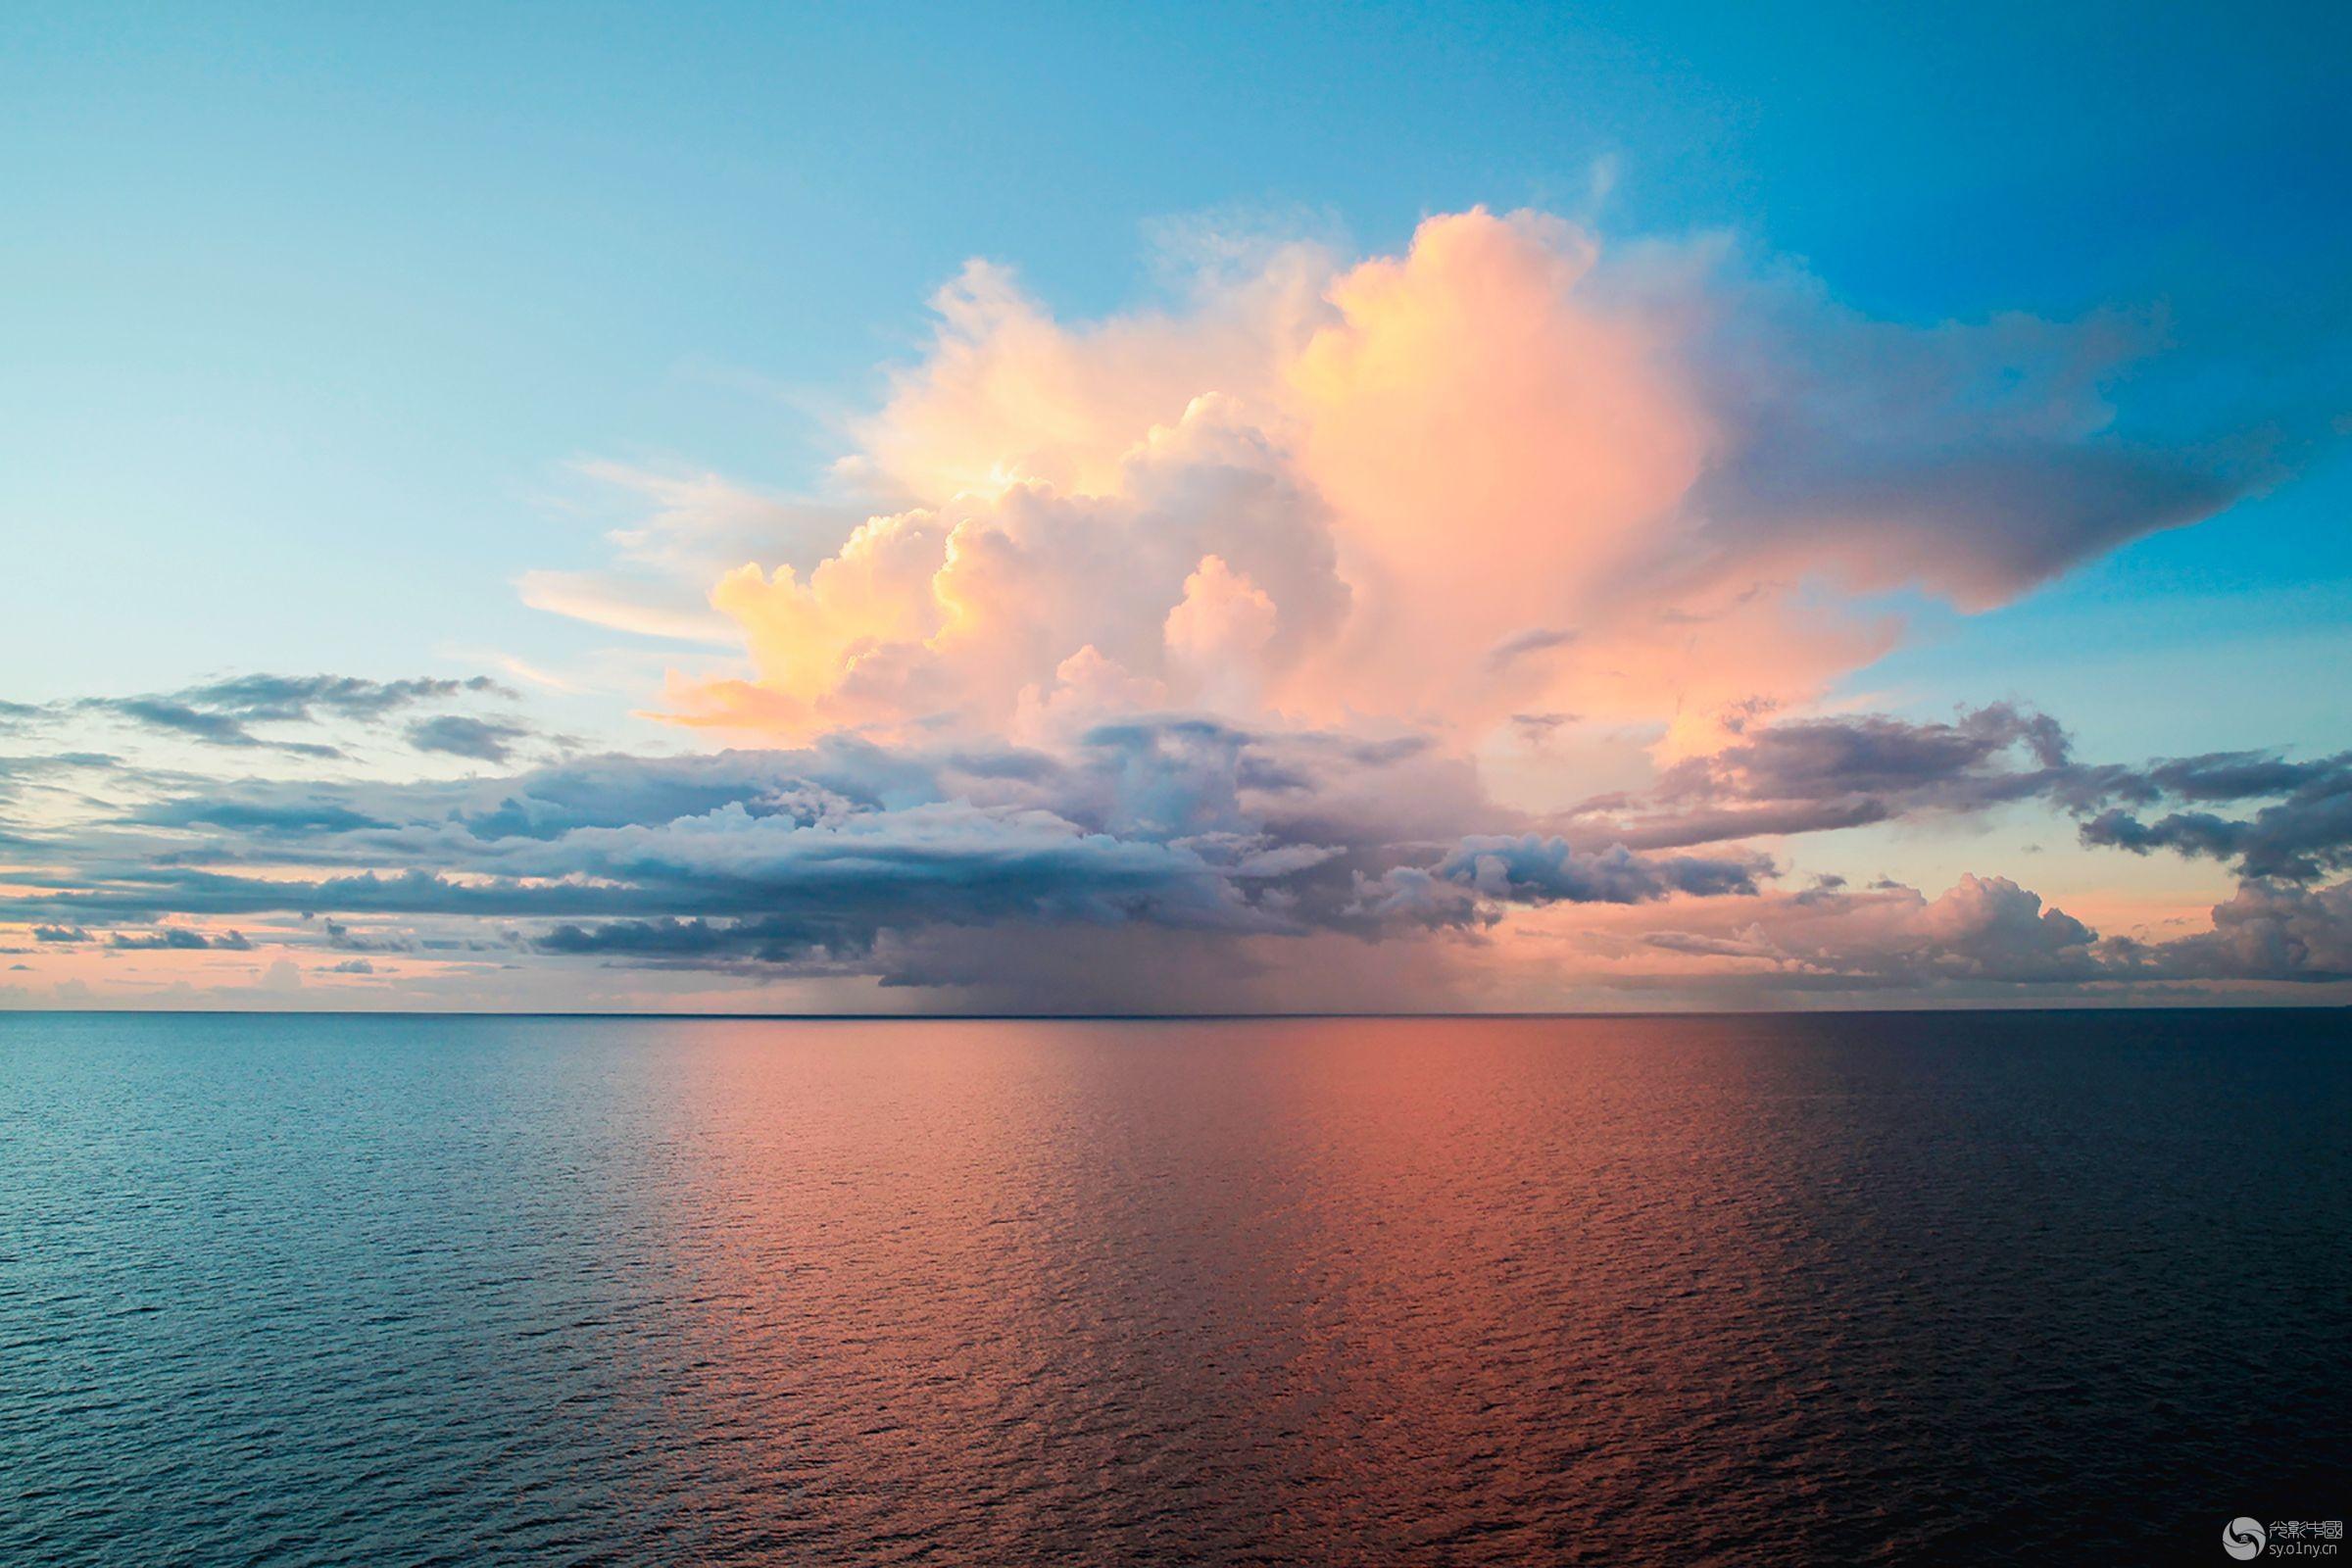 2015美国游 加勒比海游轮 86 海上风云 8-行摄风光-36